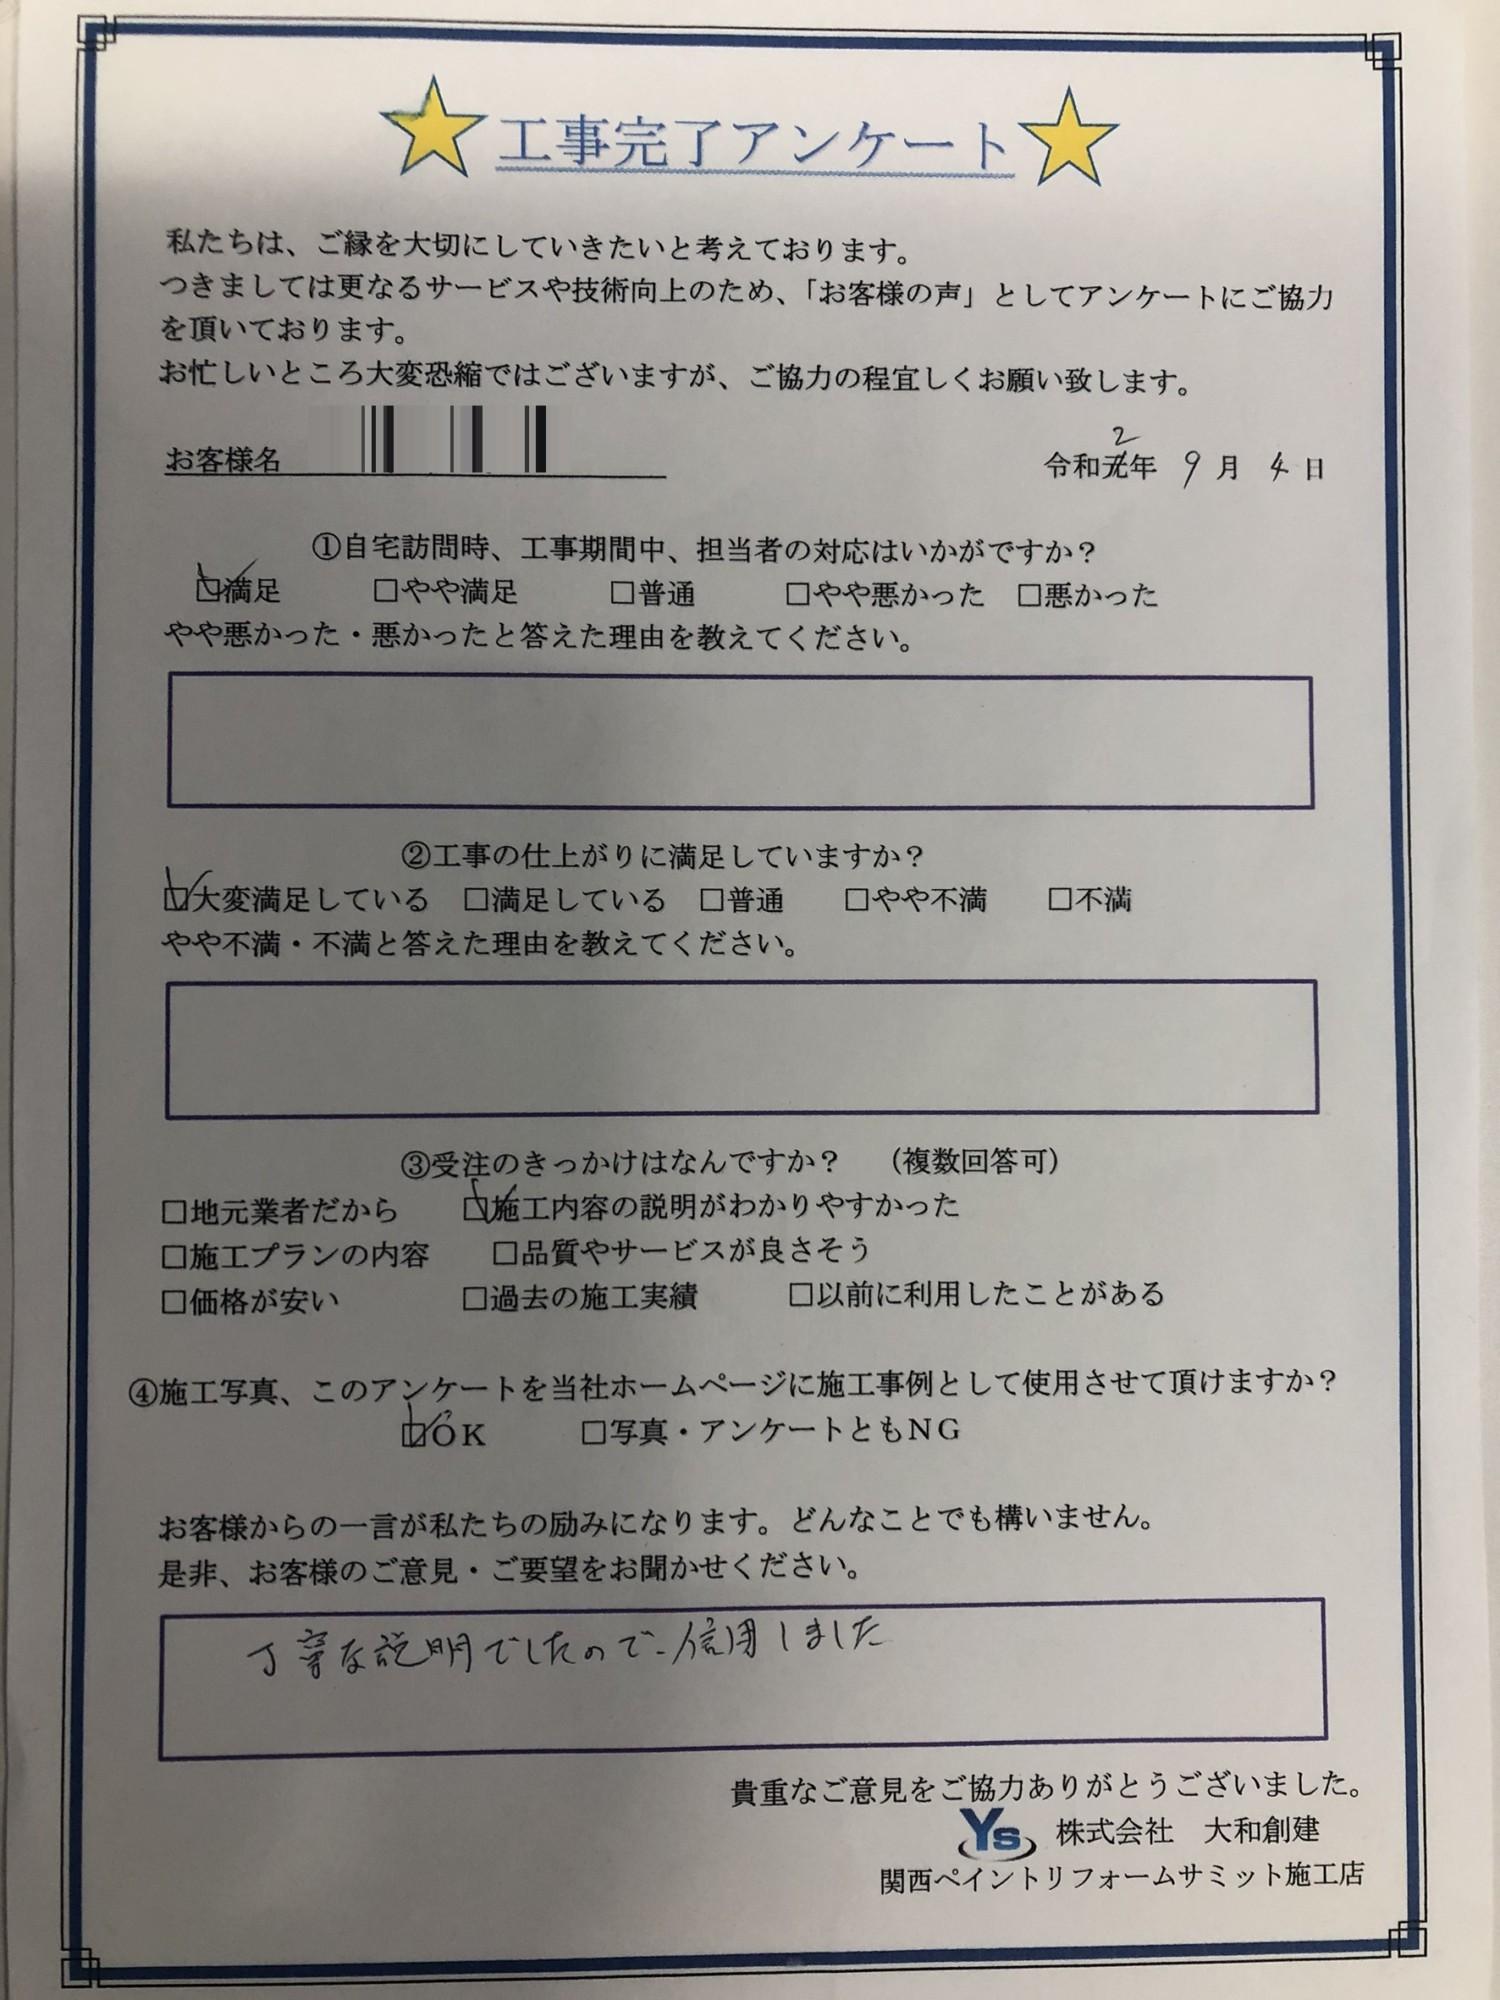 名古屋市北区 マンション 屋上防水工事 ウレタン通気緩衝工法